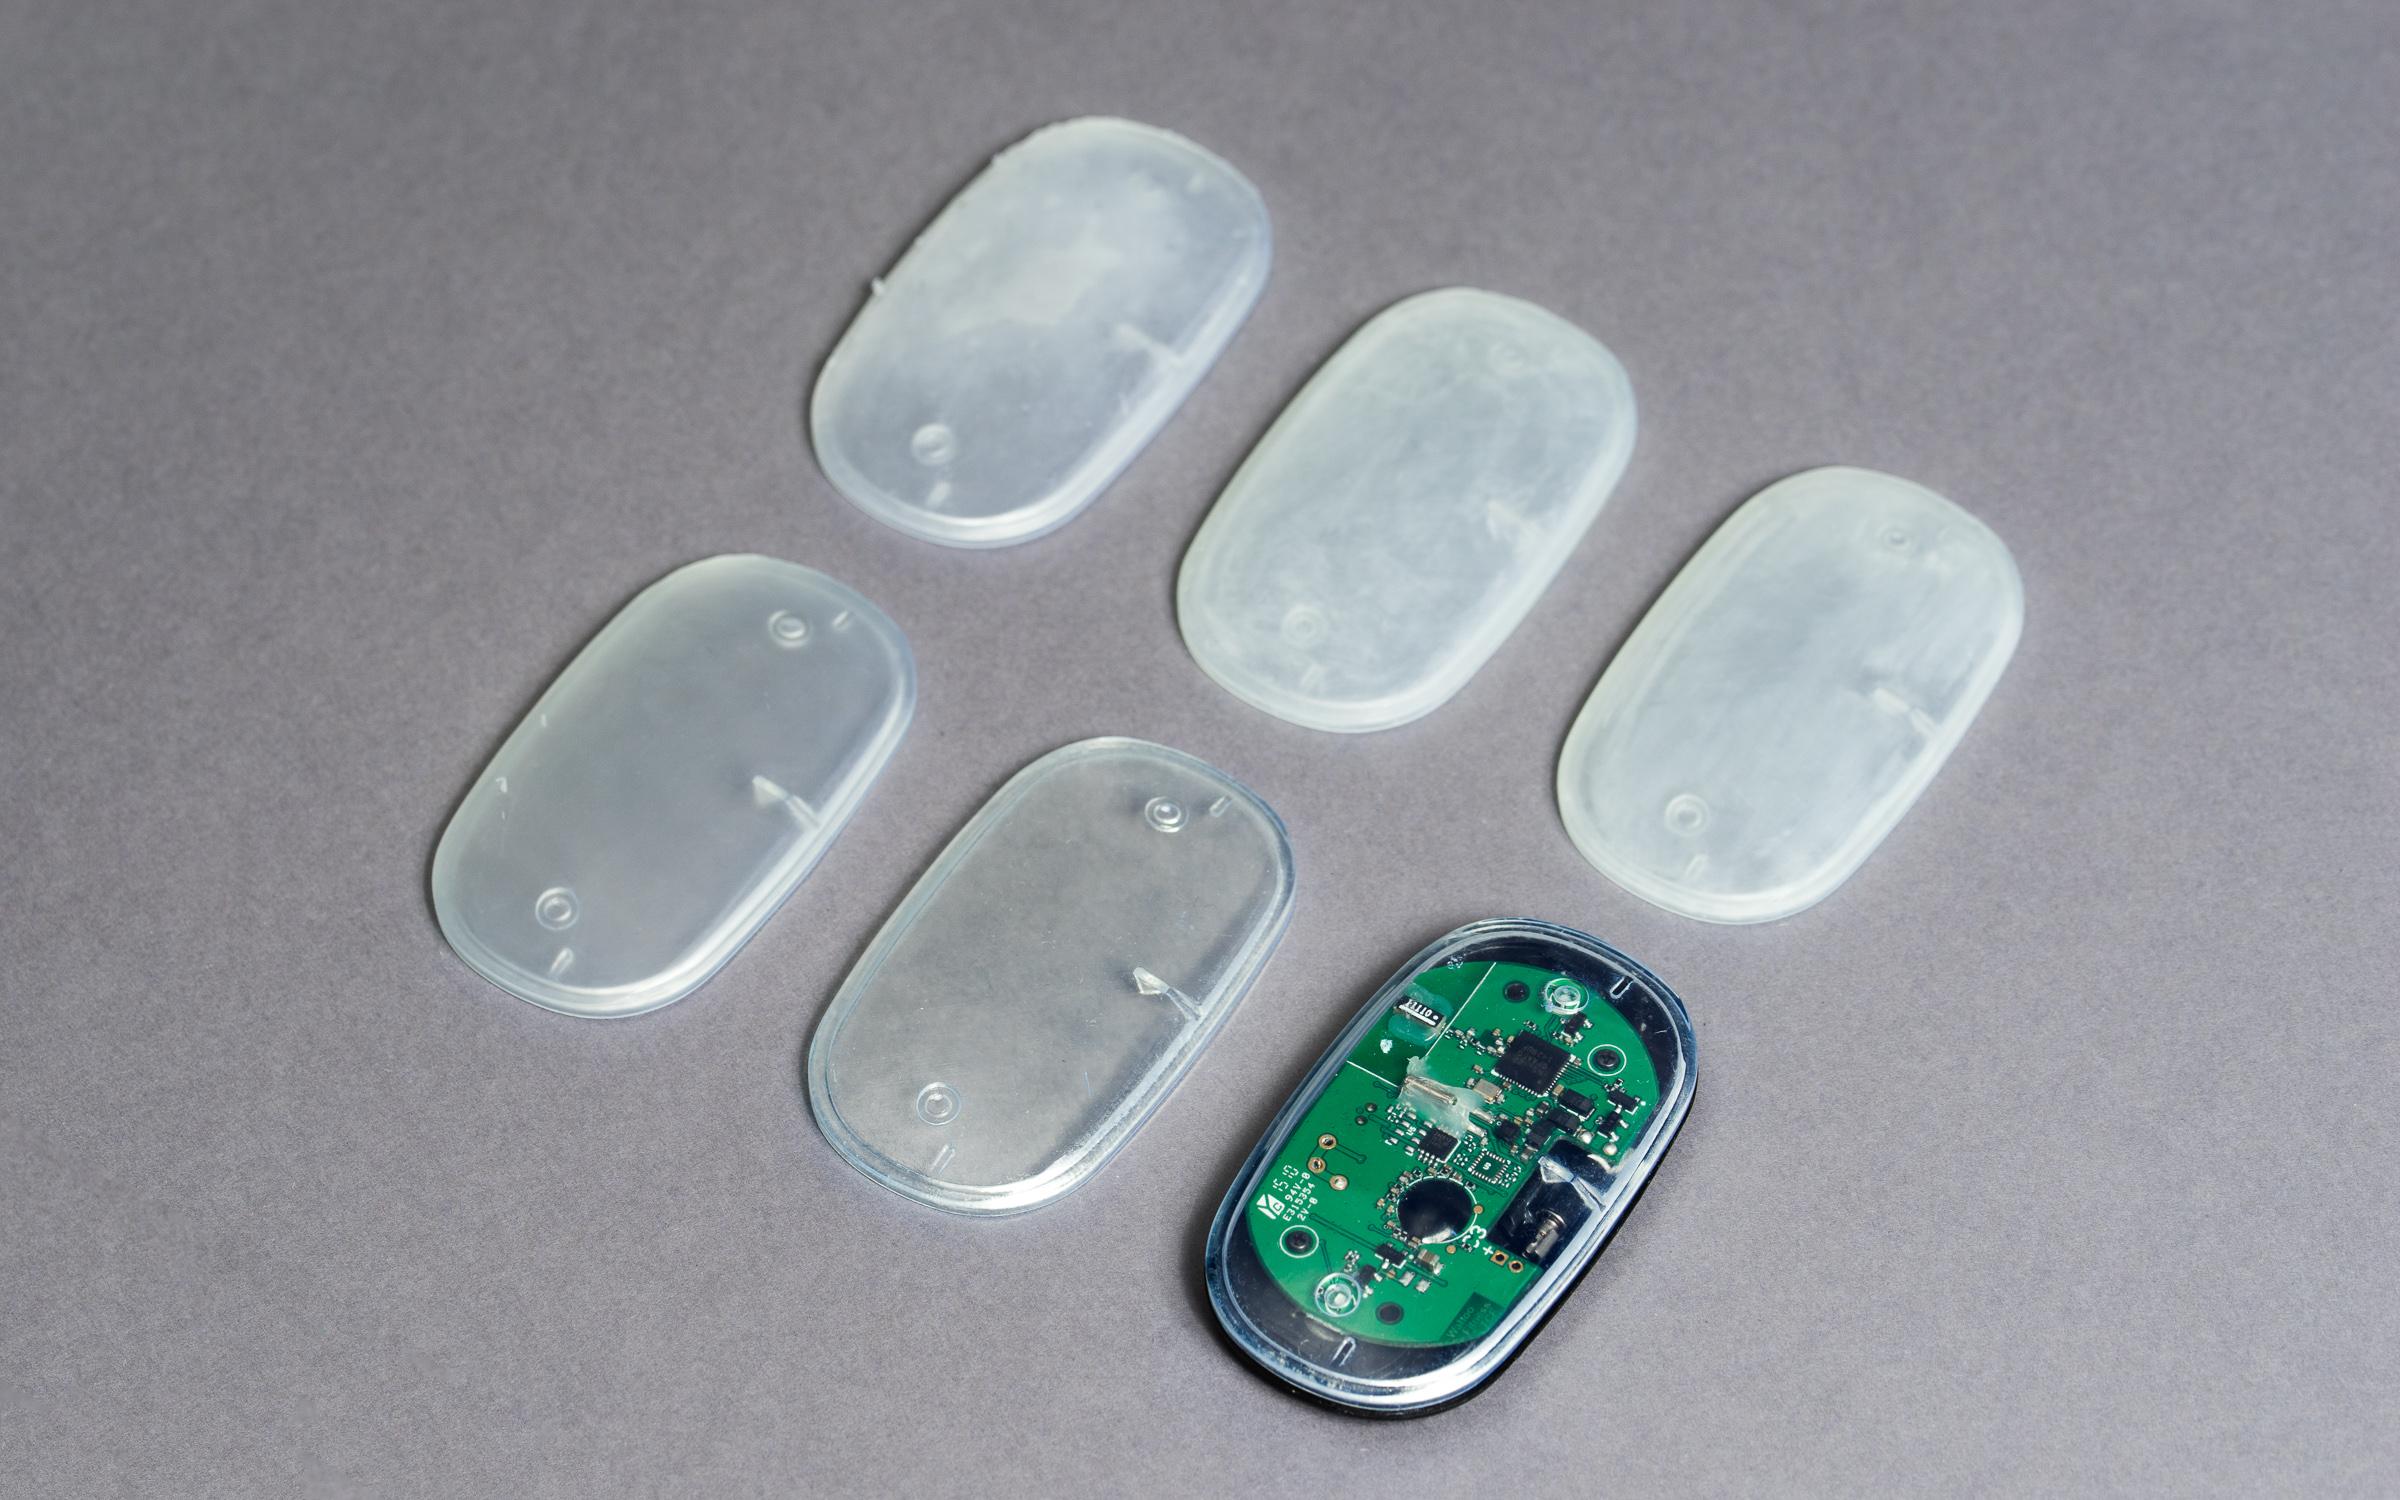 قاب یک دستگاه الکترونیکی تولید شده با دستگاه های پرینتر سه بعدی SLA، قاب رویی قطعه با روش های مختلفی پرداخت و پولیش شده است.